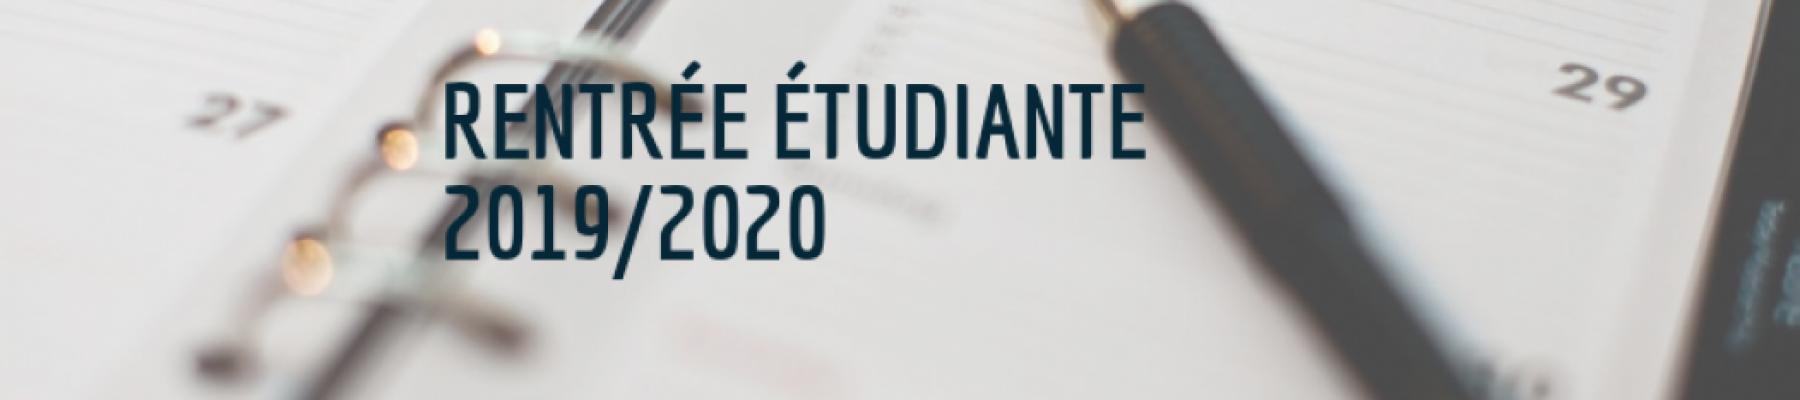 AGENDA 2019/2020